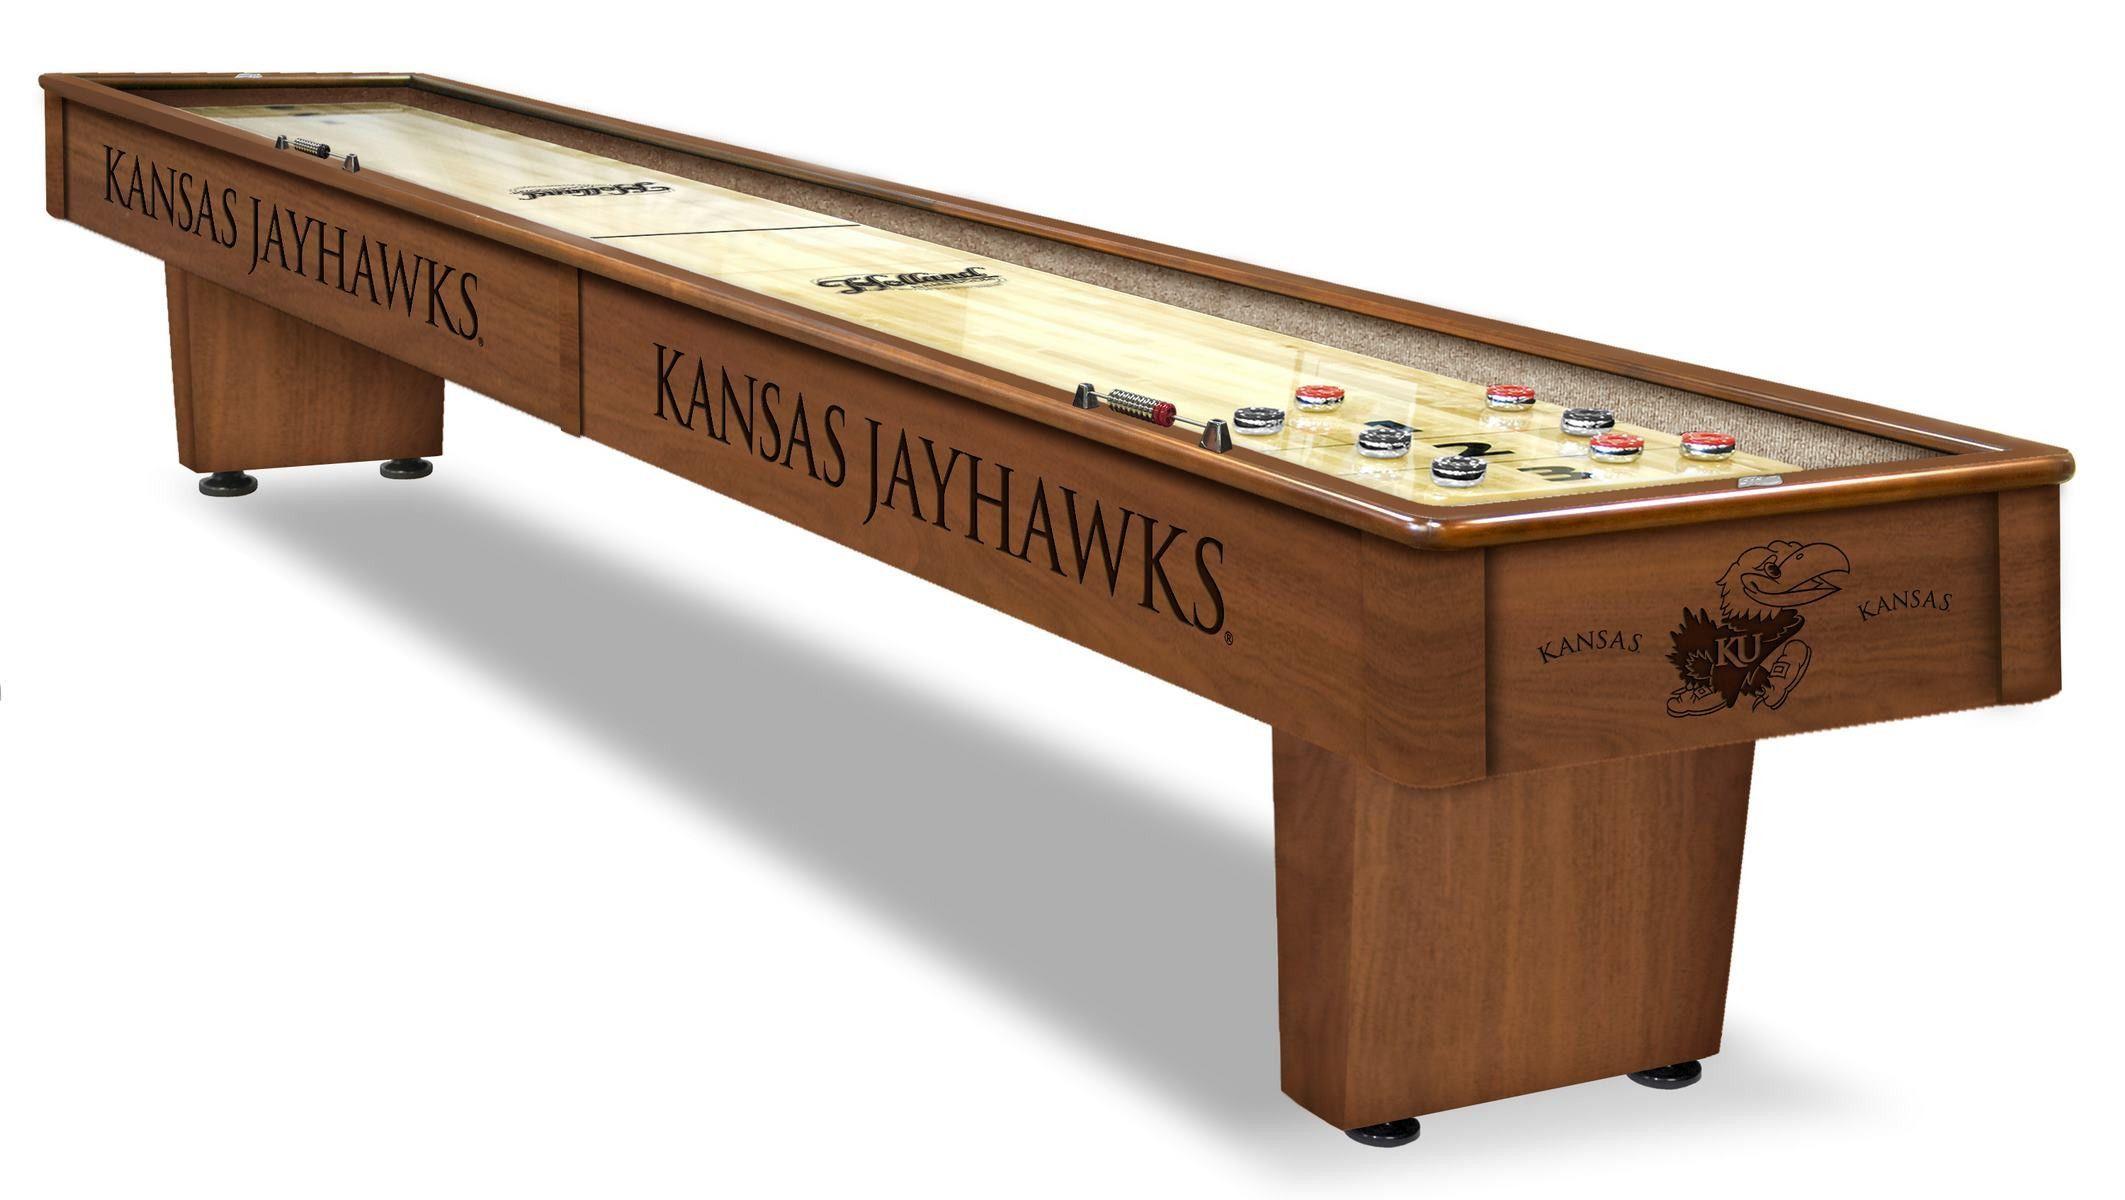 Kansas Jayhawks Shuffleboard Table